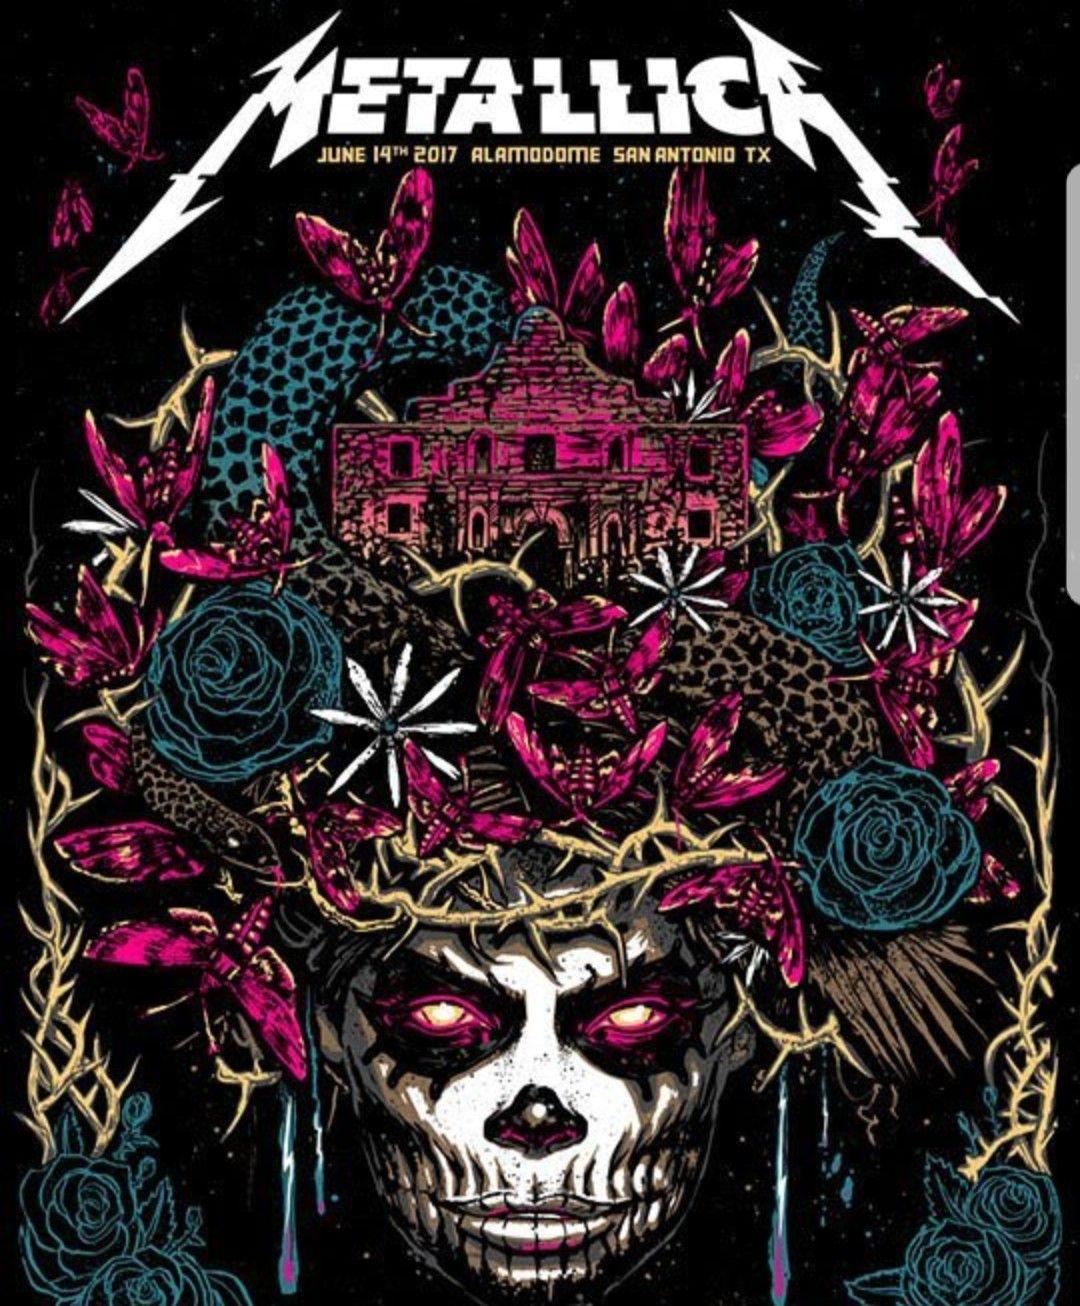 Pin de Karina Cobian🍄 en All about Metallica | Carteles de rock, Bandas de  metal, Bandas de heavy metal